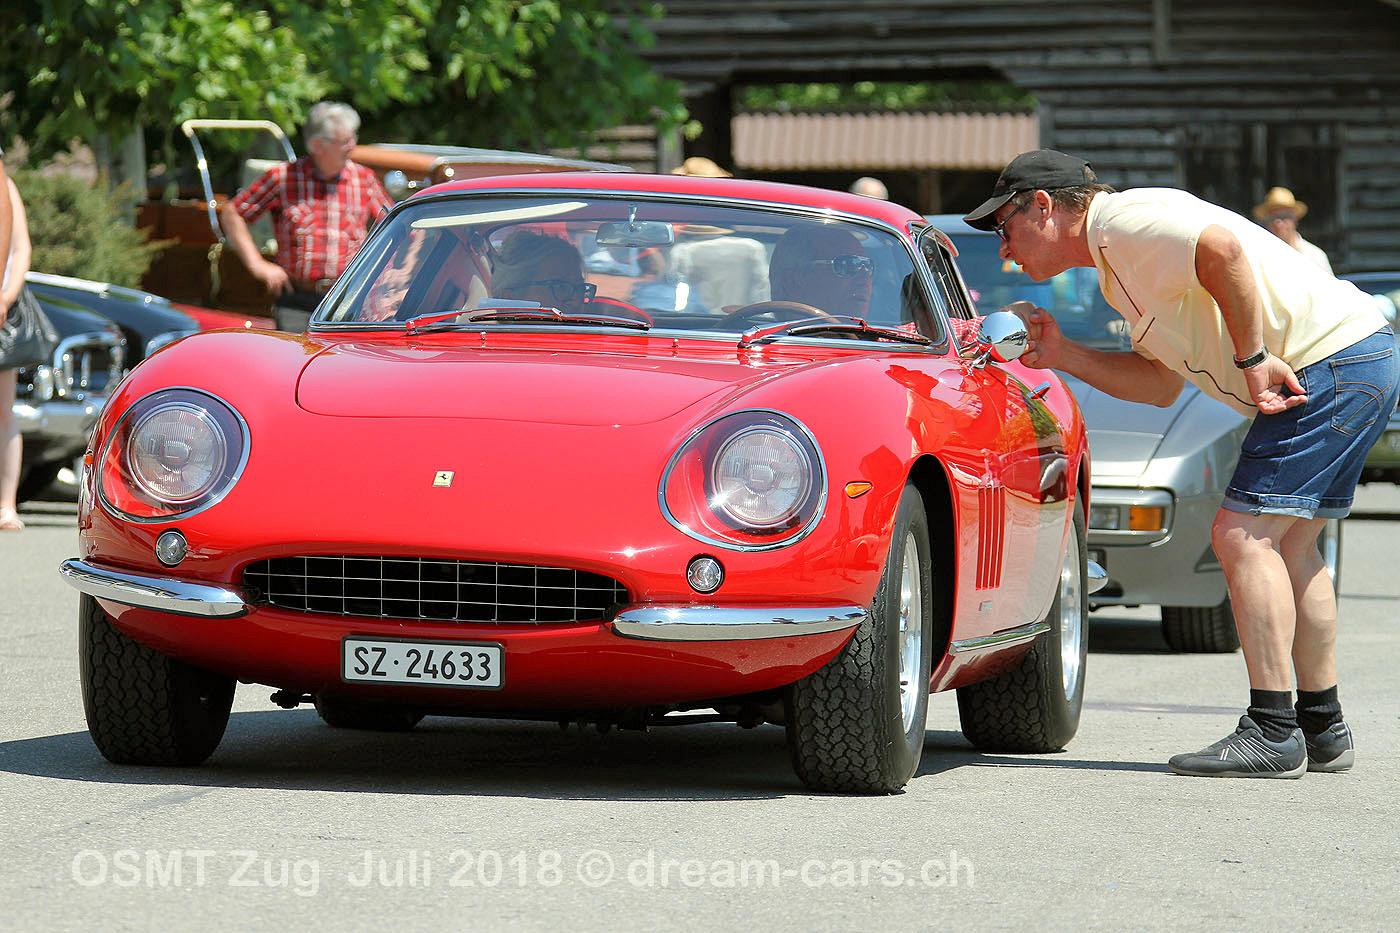 Ferrari 275 GTB - OSMT Zug